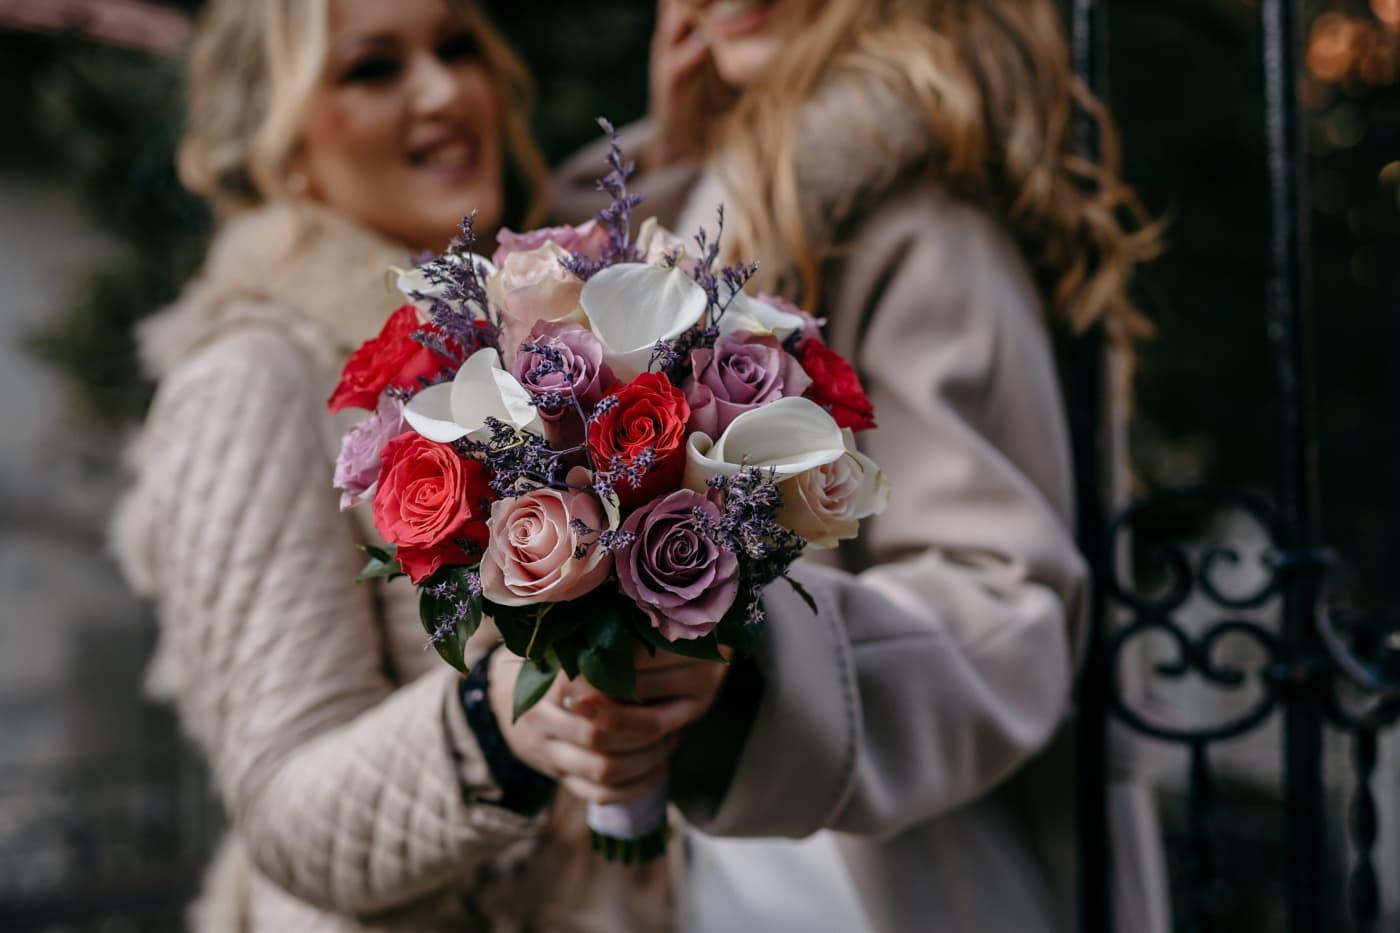 przytulanie, romantyczny, kobiety, prezent, dziewczyn, Ładna dziewczyna, bukiet, emocje, przyjemność, uśmiech